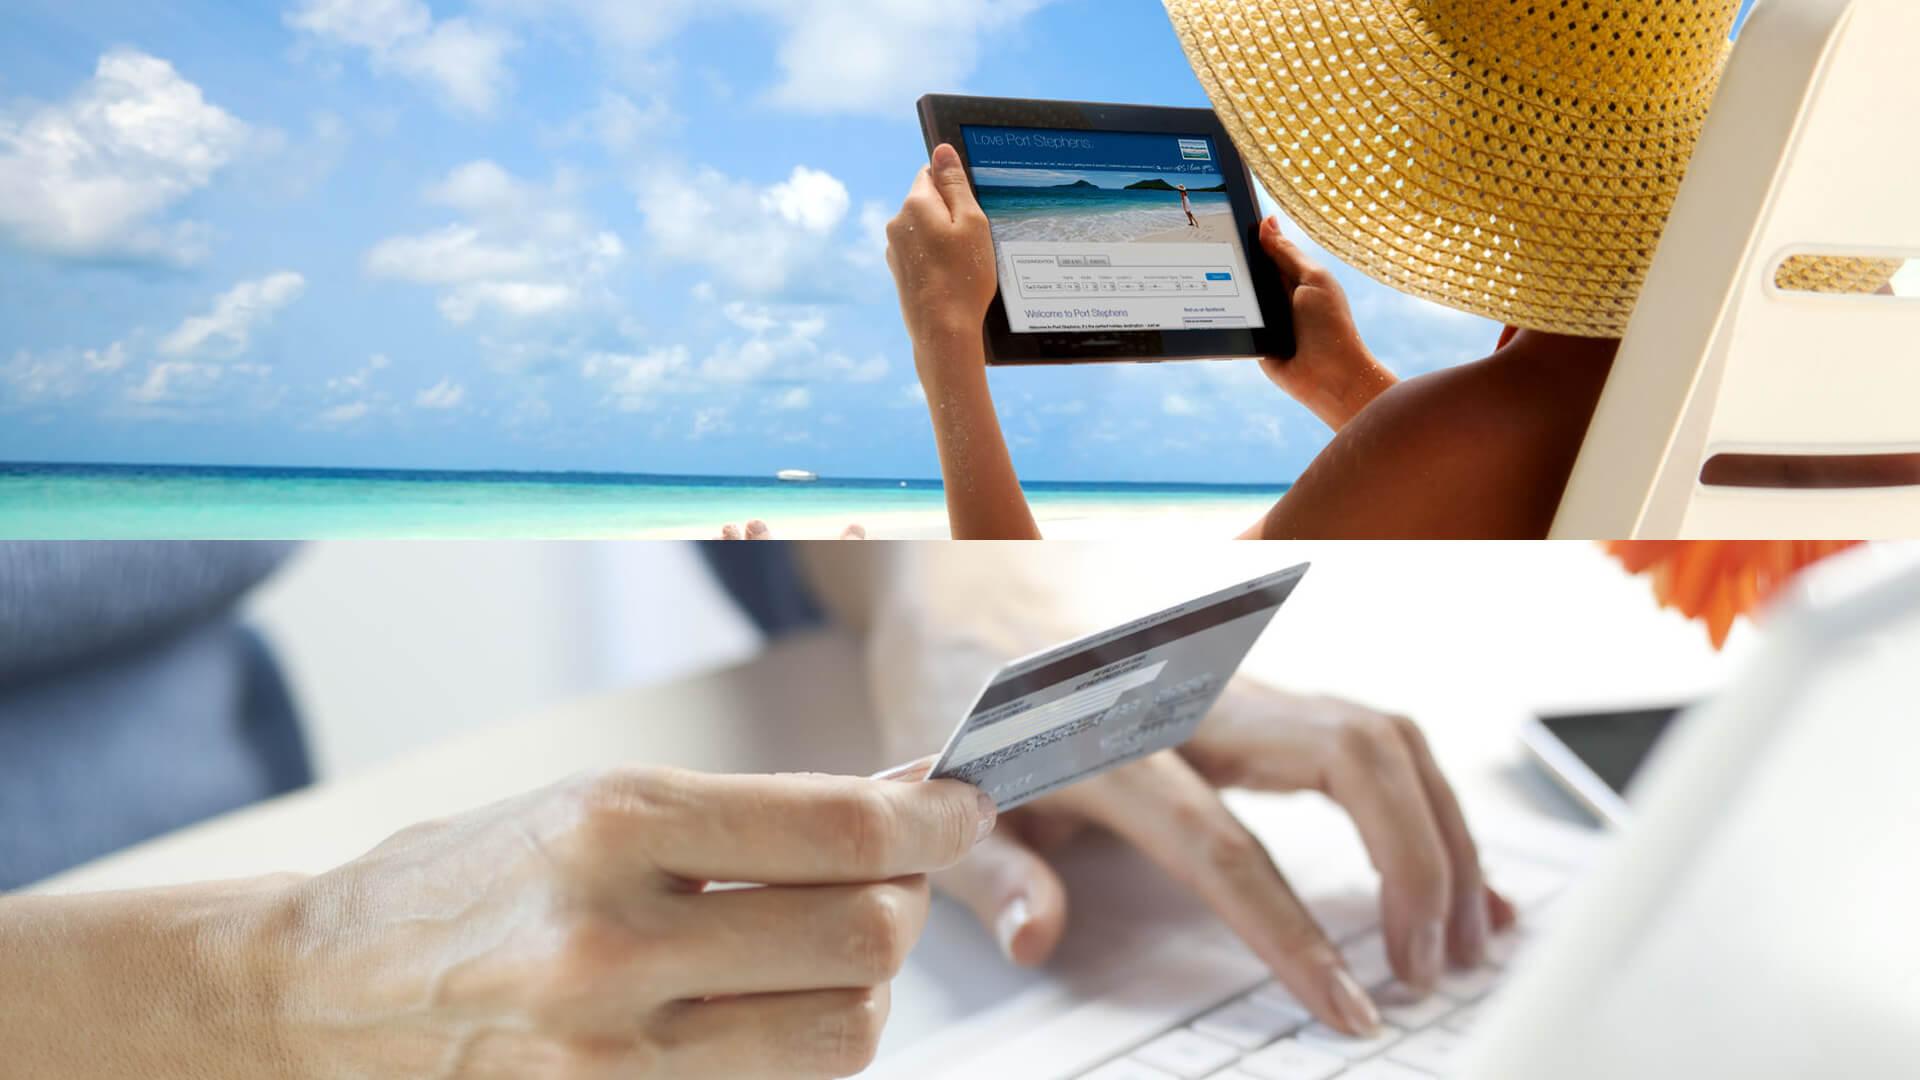 Sử dụng hệ thống đặt phòng trực tuyến chất lượng hỗ trợ cho marketing hiệu quả